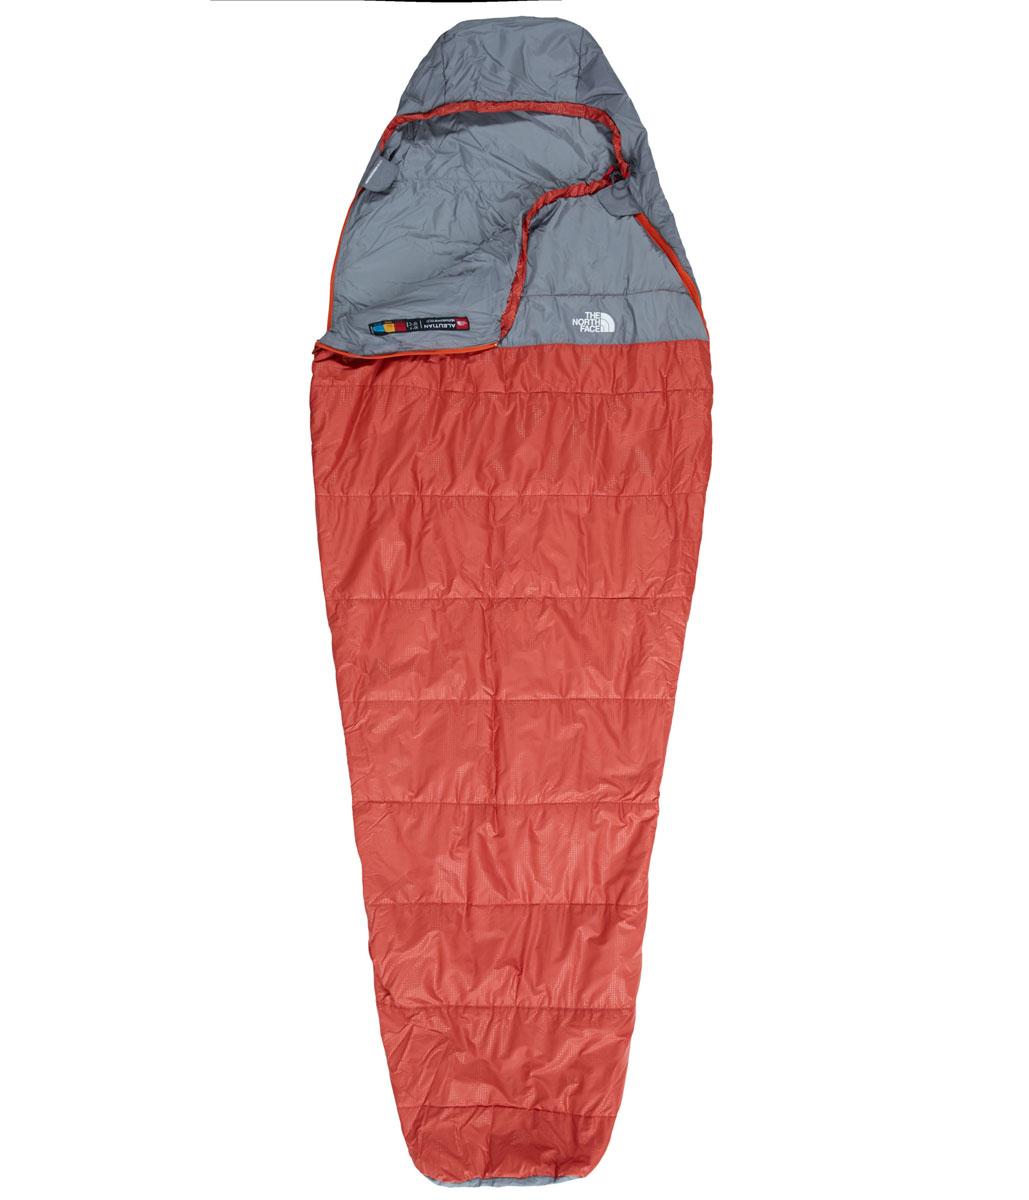 Спальный мешок The North Face Aleutian 50/10, цвет: красный. T0A3A8M1RLH LNG